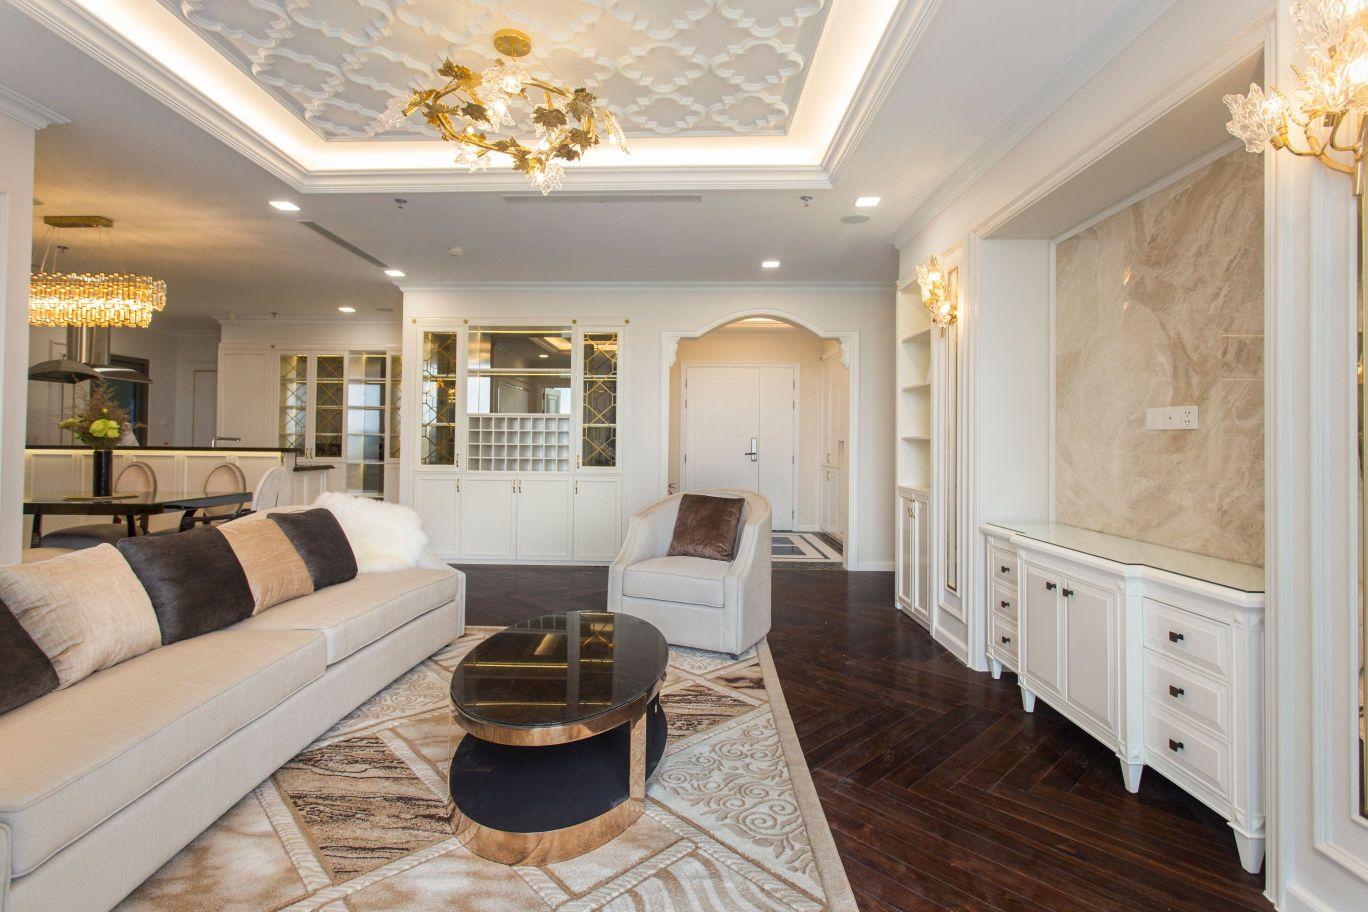 thiết kế thi công nội thất đẹp - phòng khách 1